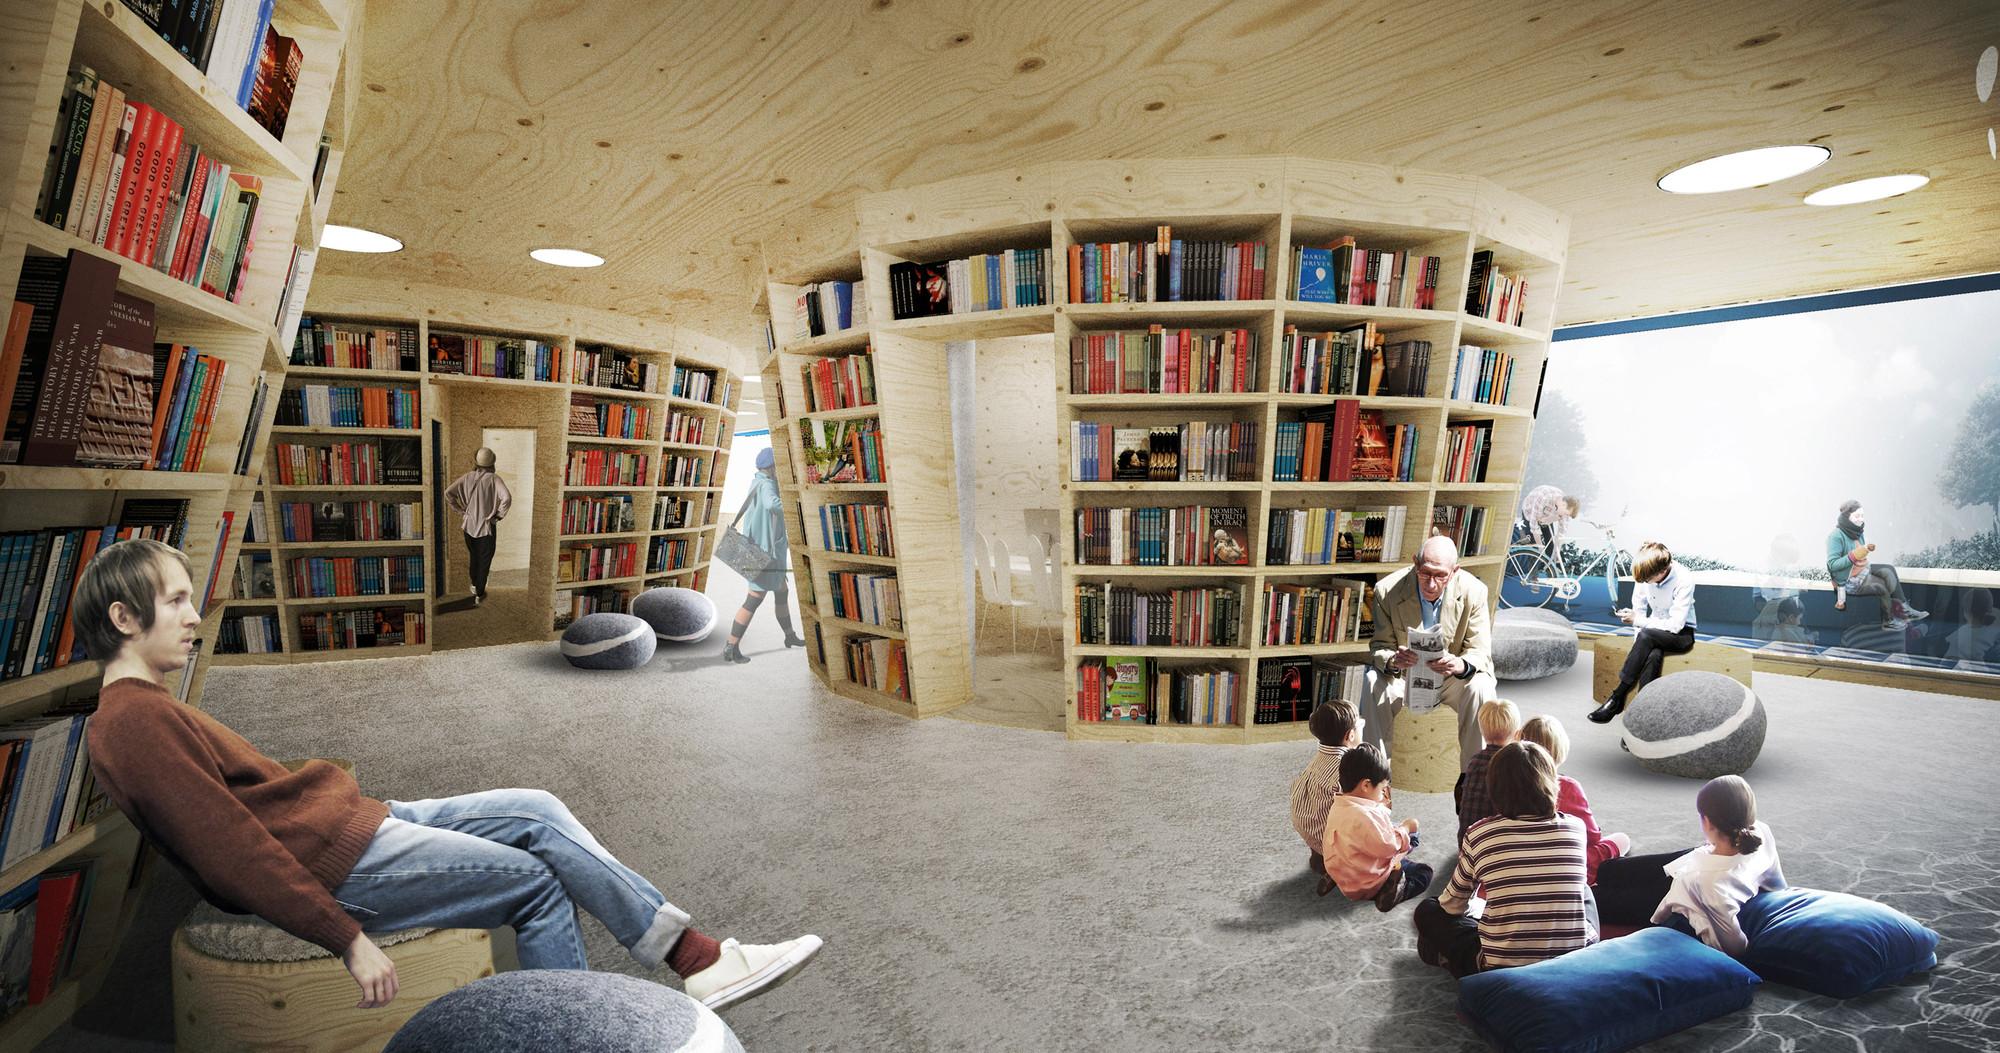 Public Library Architecture